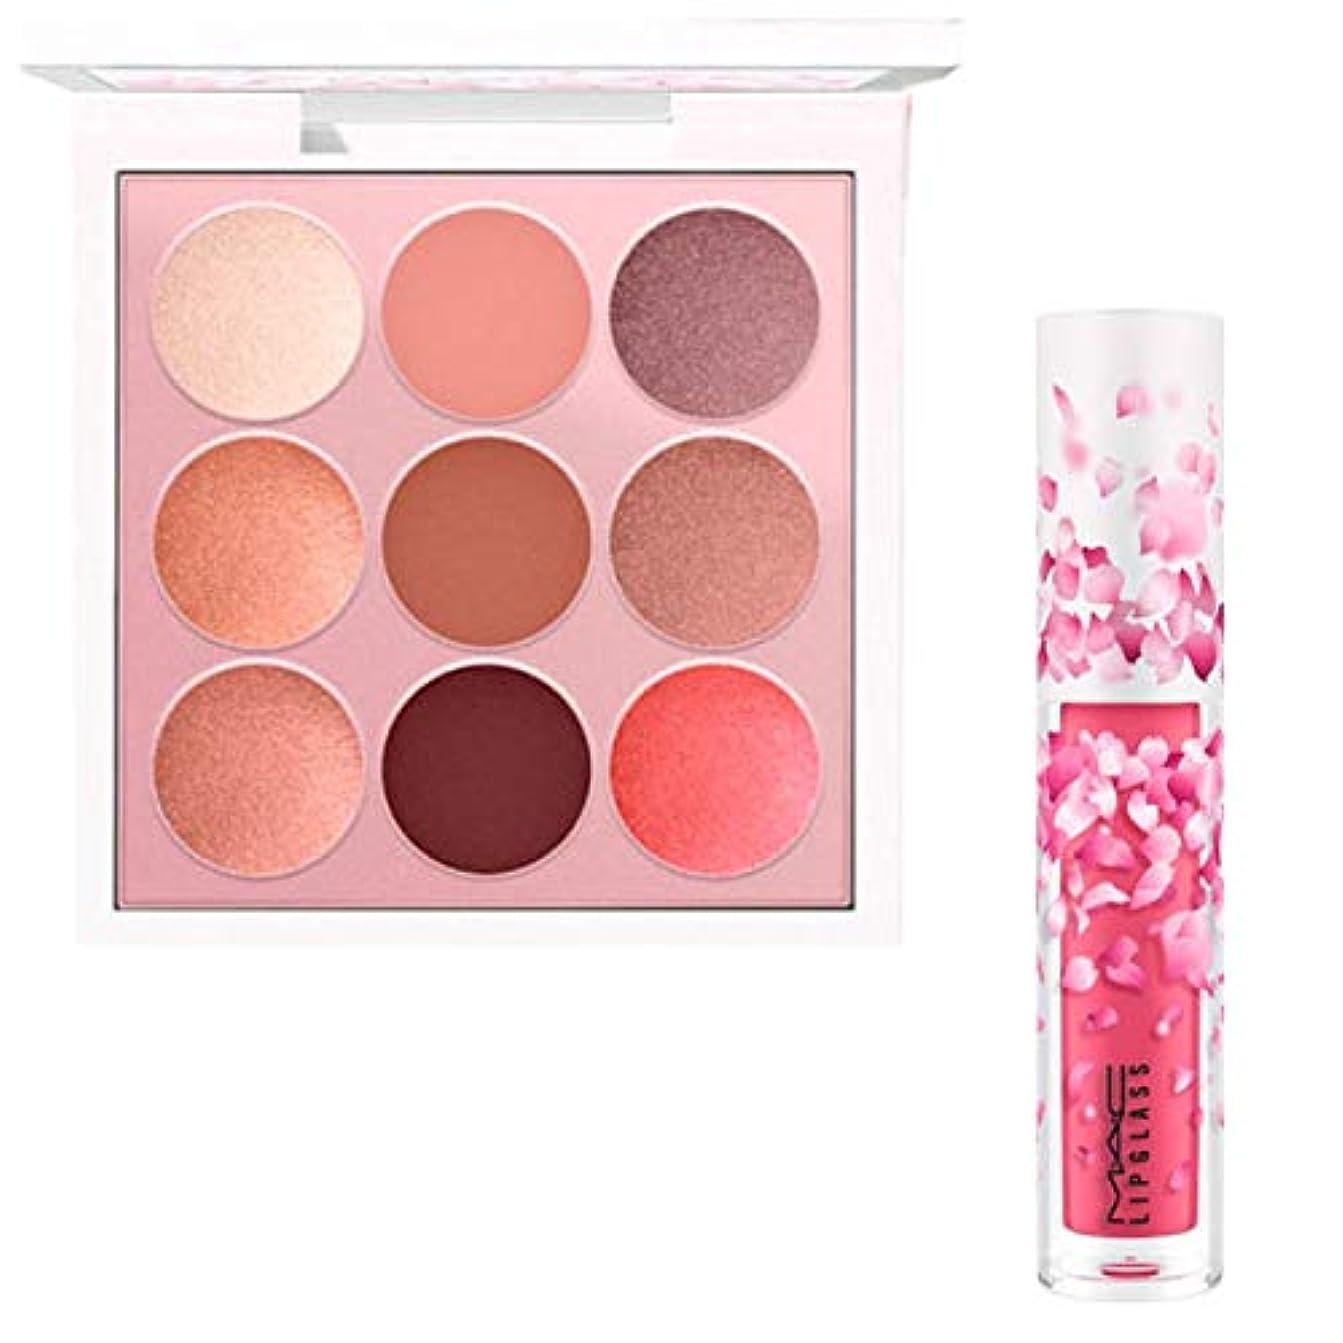 羊飼い怠賭けM.A.C 限定版, Boom, Boom, Bloom EyeShadow & Lipglass (Kabuki Doll Palette & Cherry Mochi) [海外直送品] [並行輸入品]